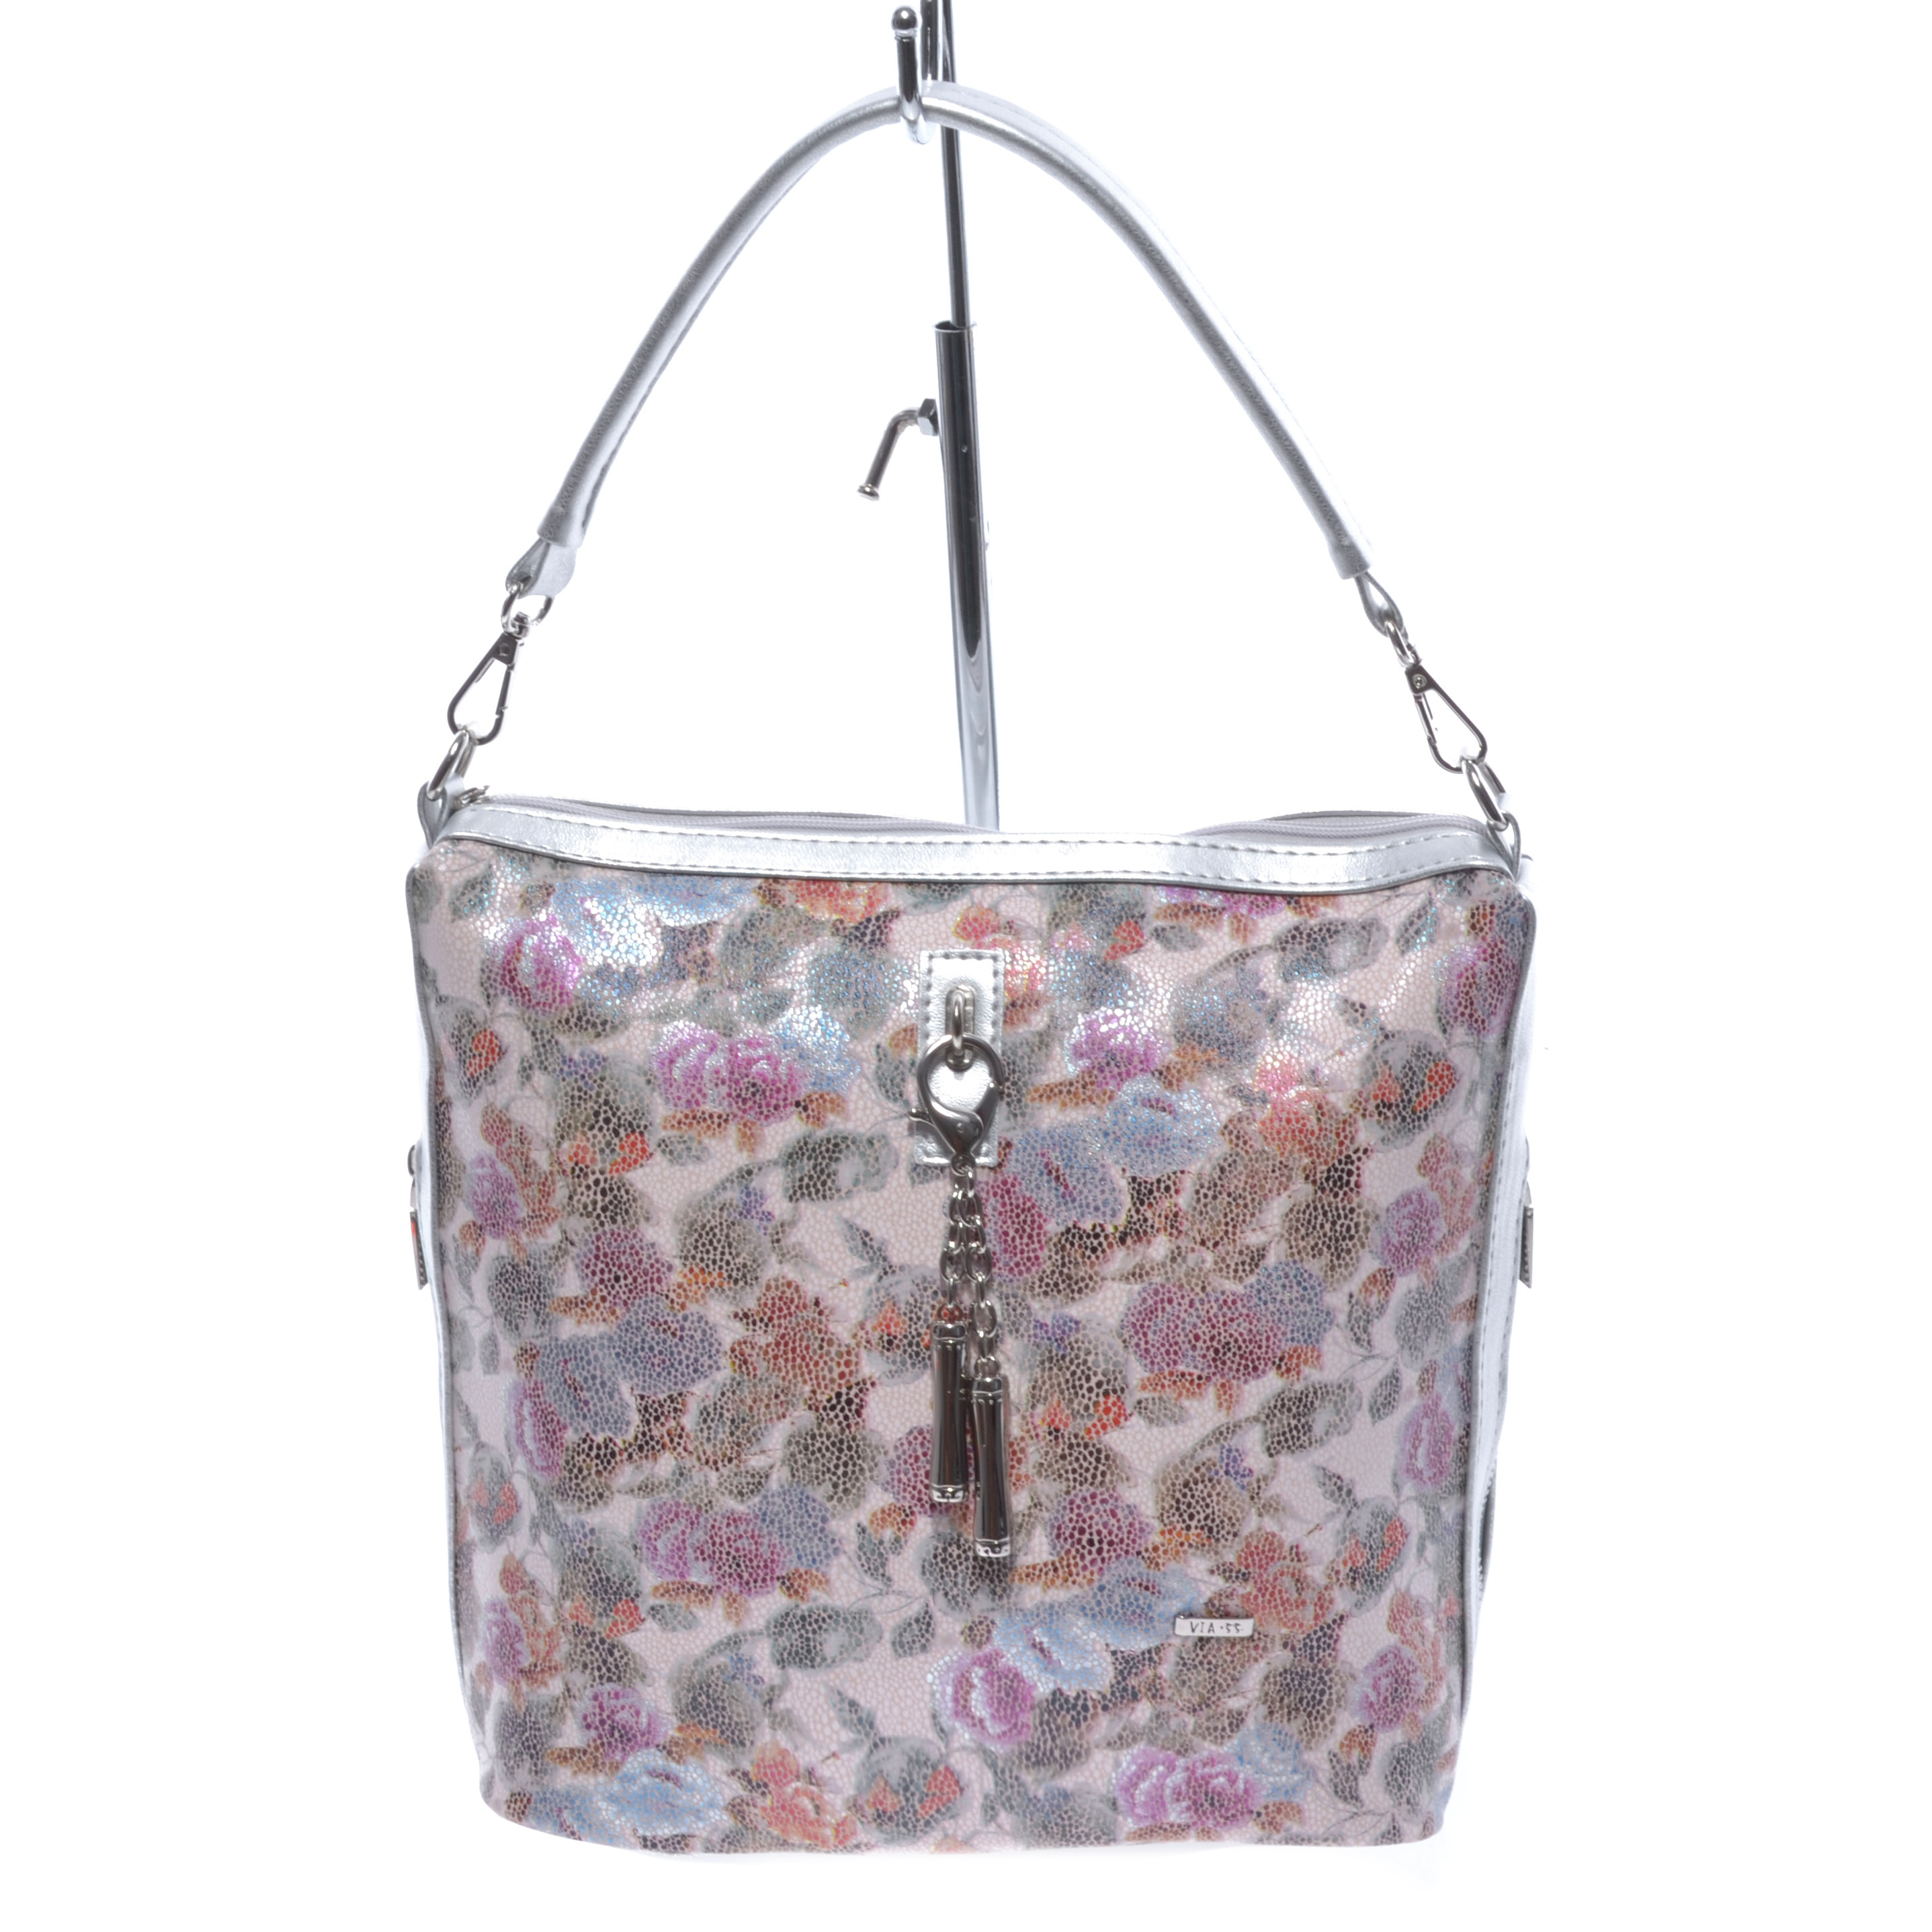 Via.55 Virágos Műbőr Női Válltáska - Válltáskák - Táska webáruház - Minőségi  táskák mindenkinek 6e8898f8fa